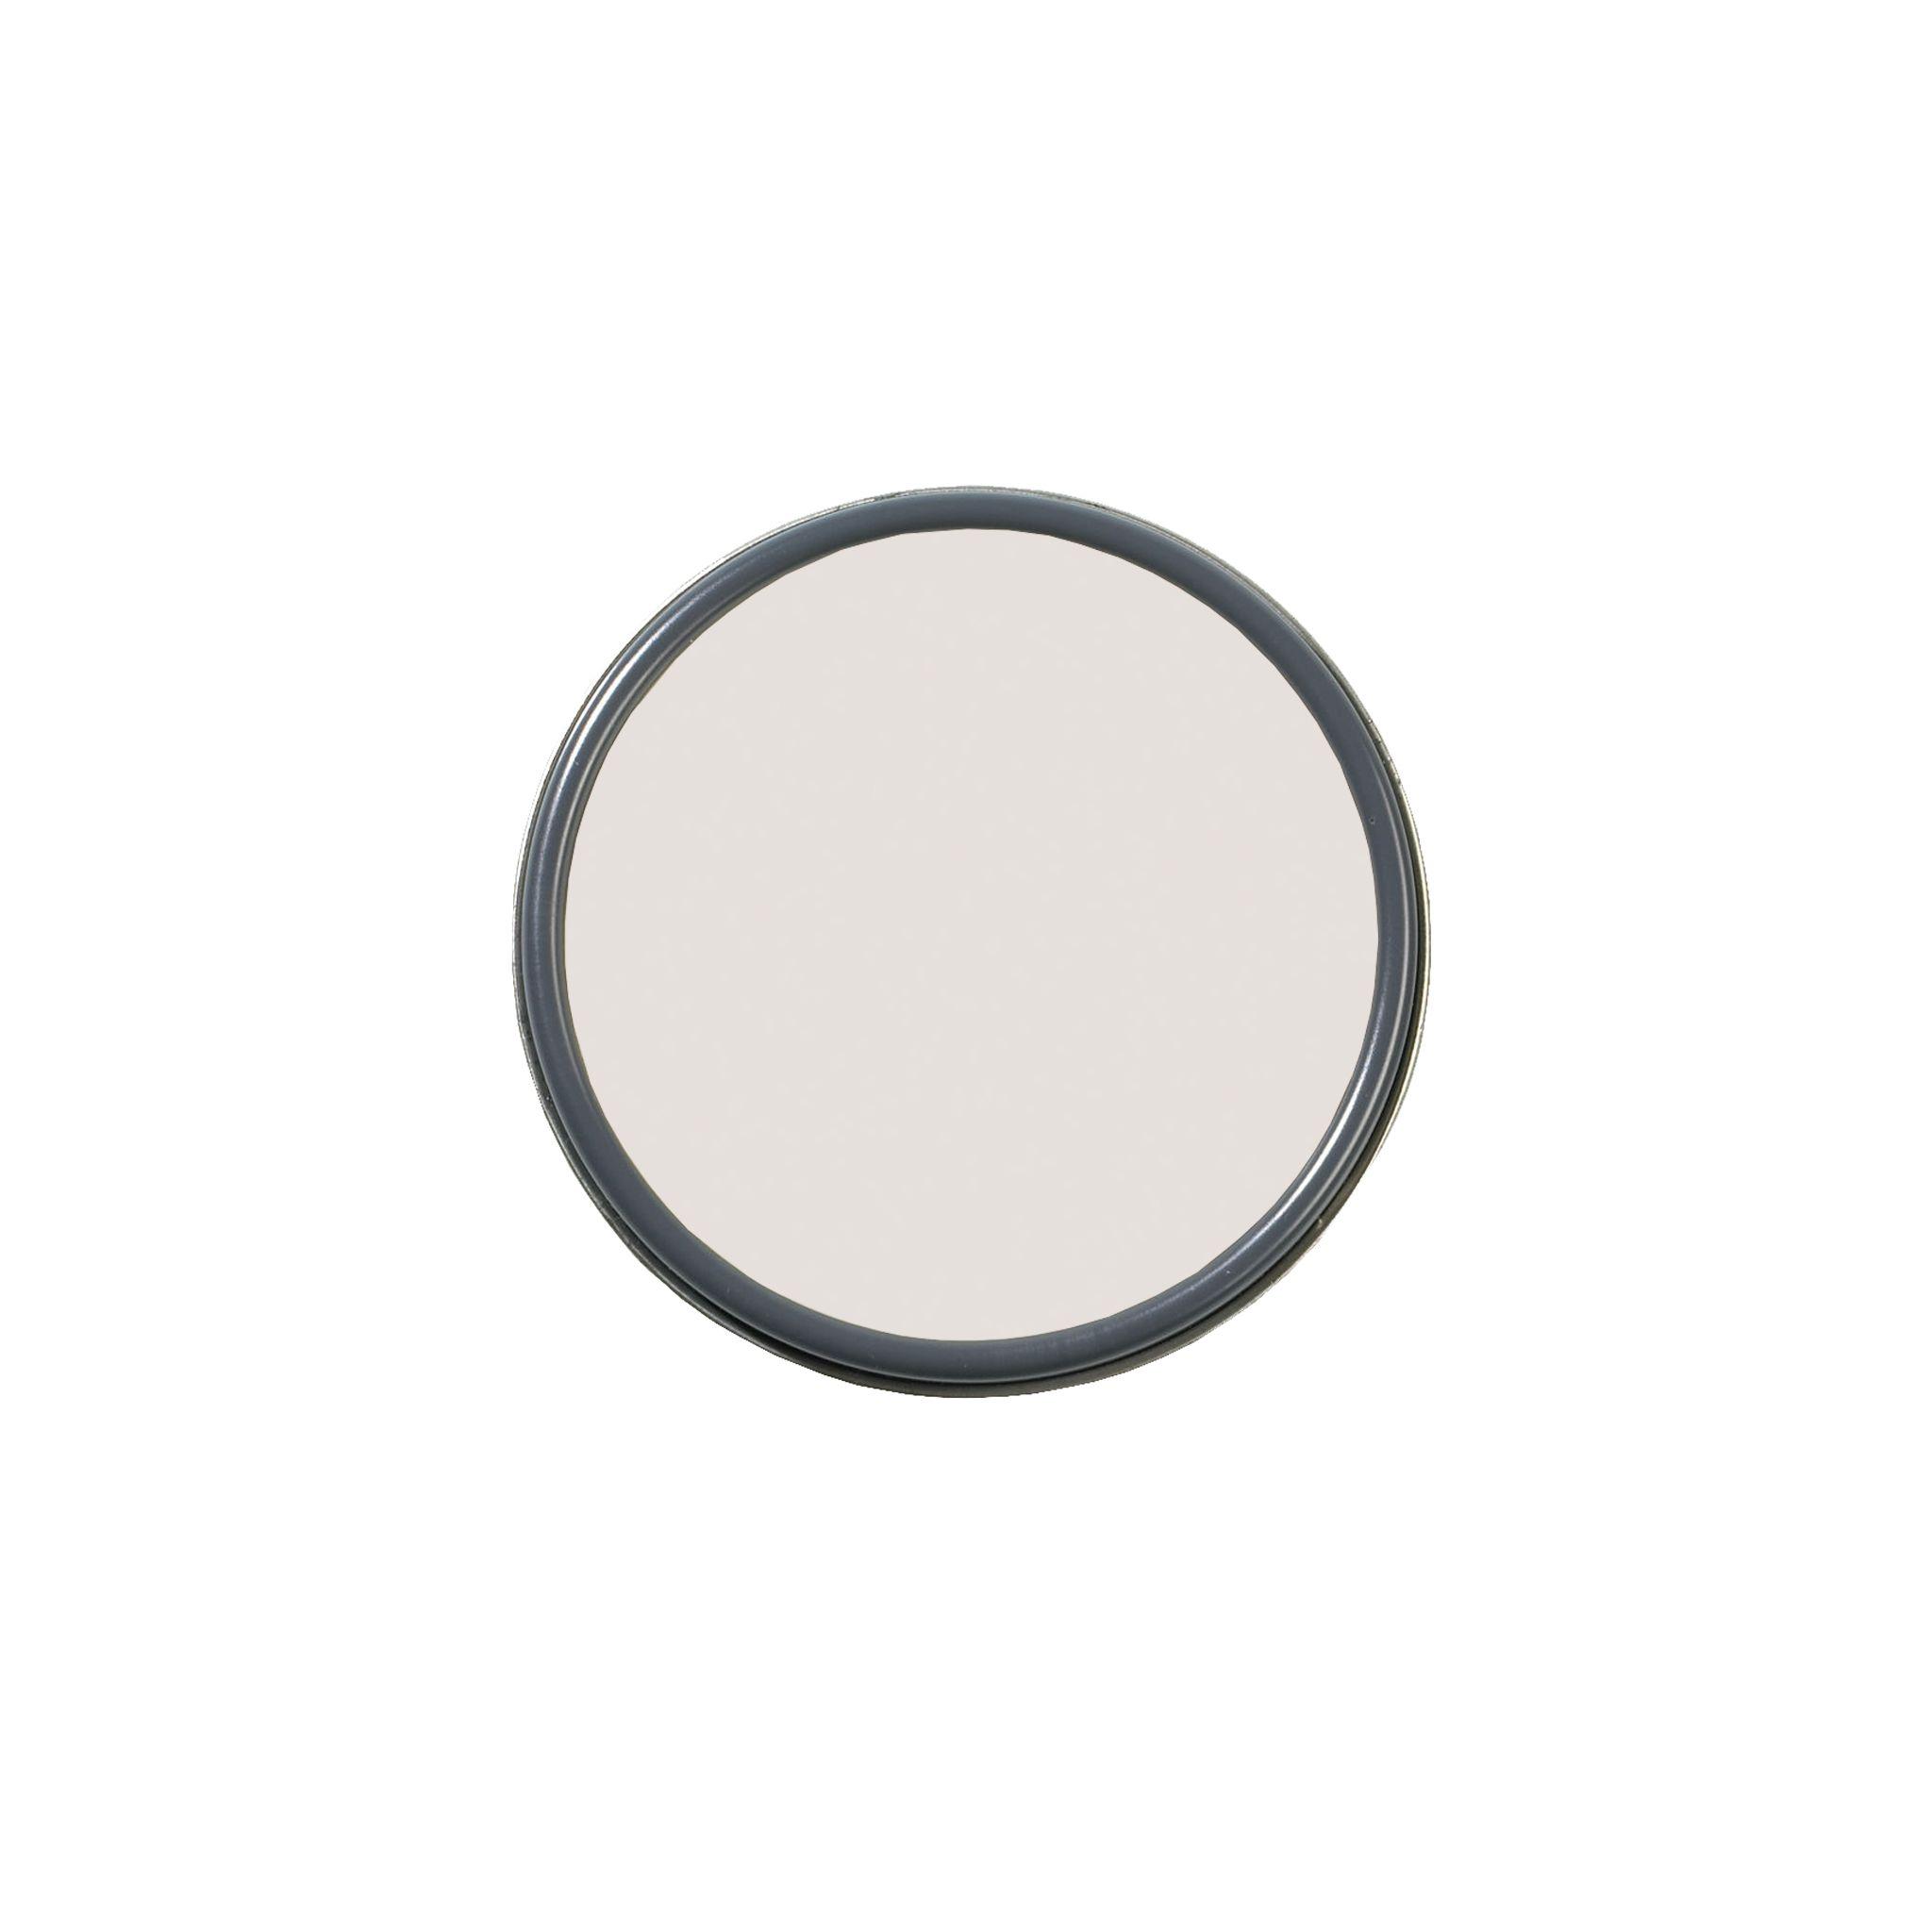 Farrow & Ball - Strong White